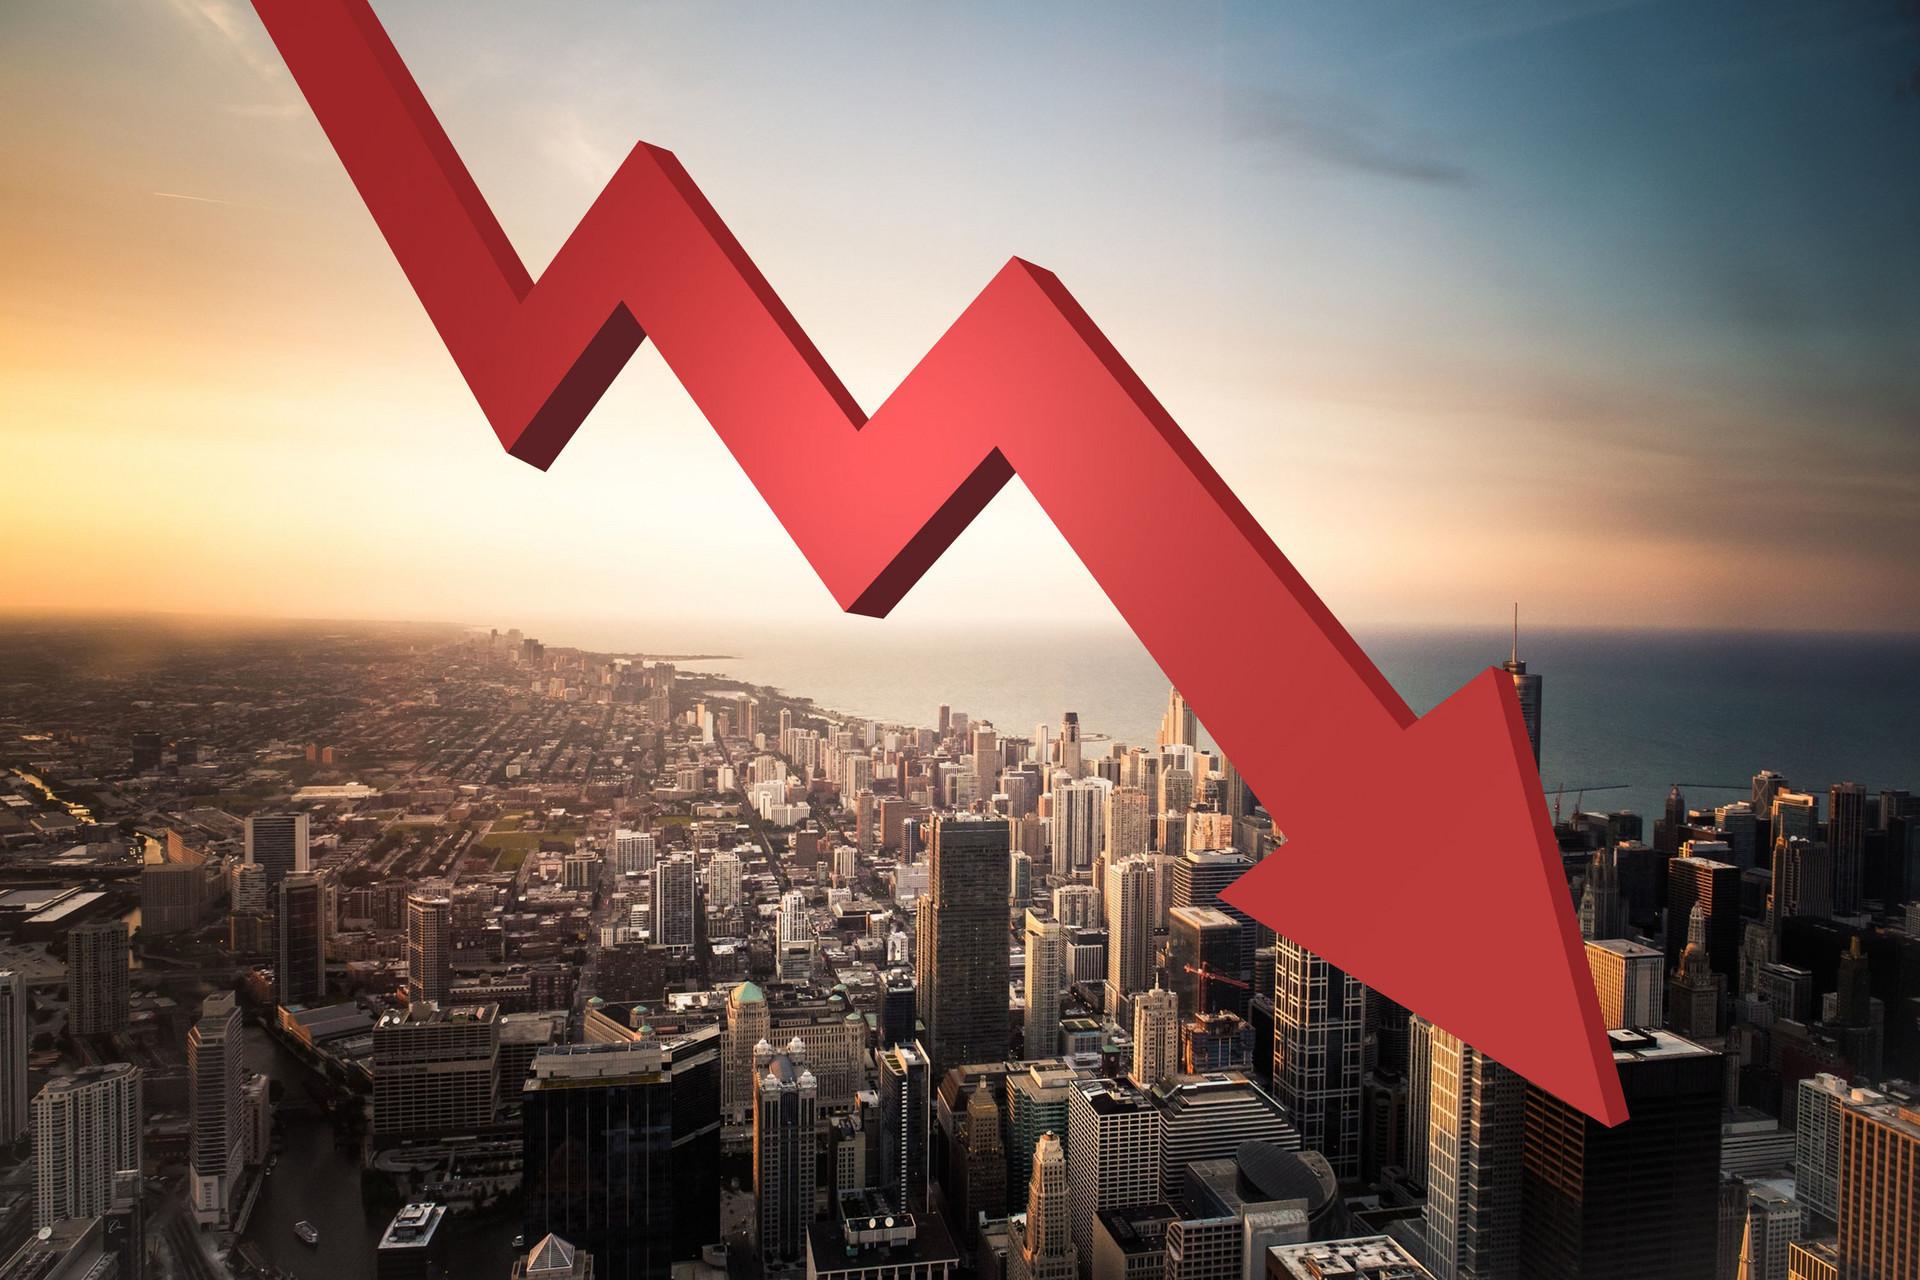 房企评级扎堆下调,困局之下市场迎来新的走向